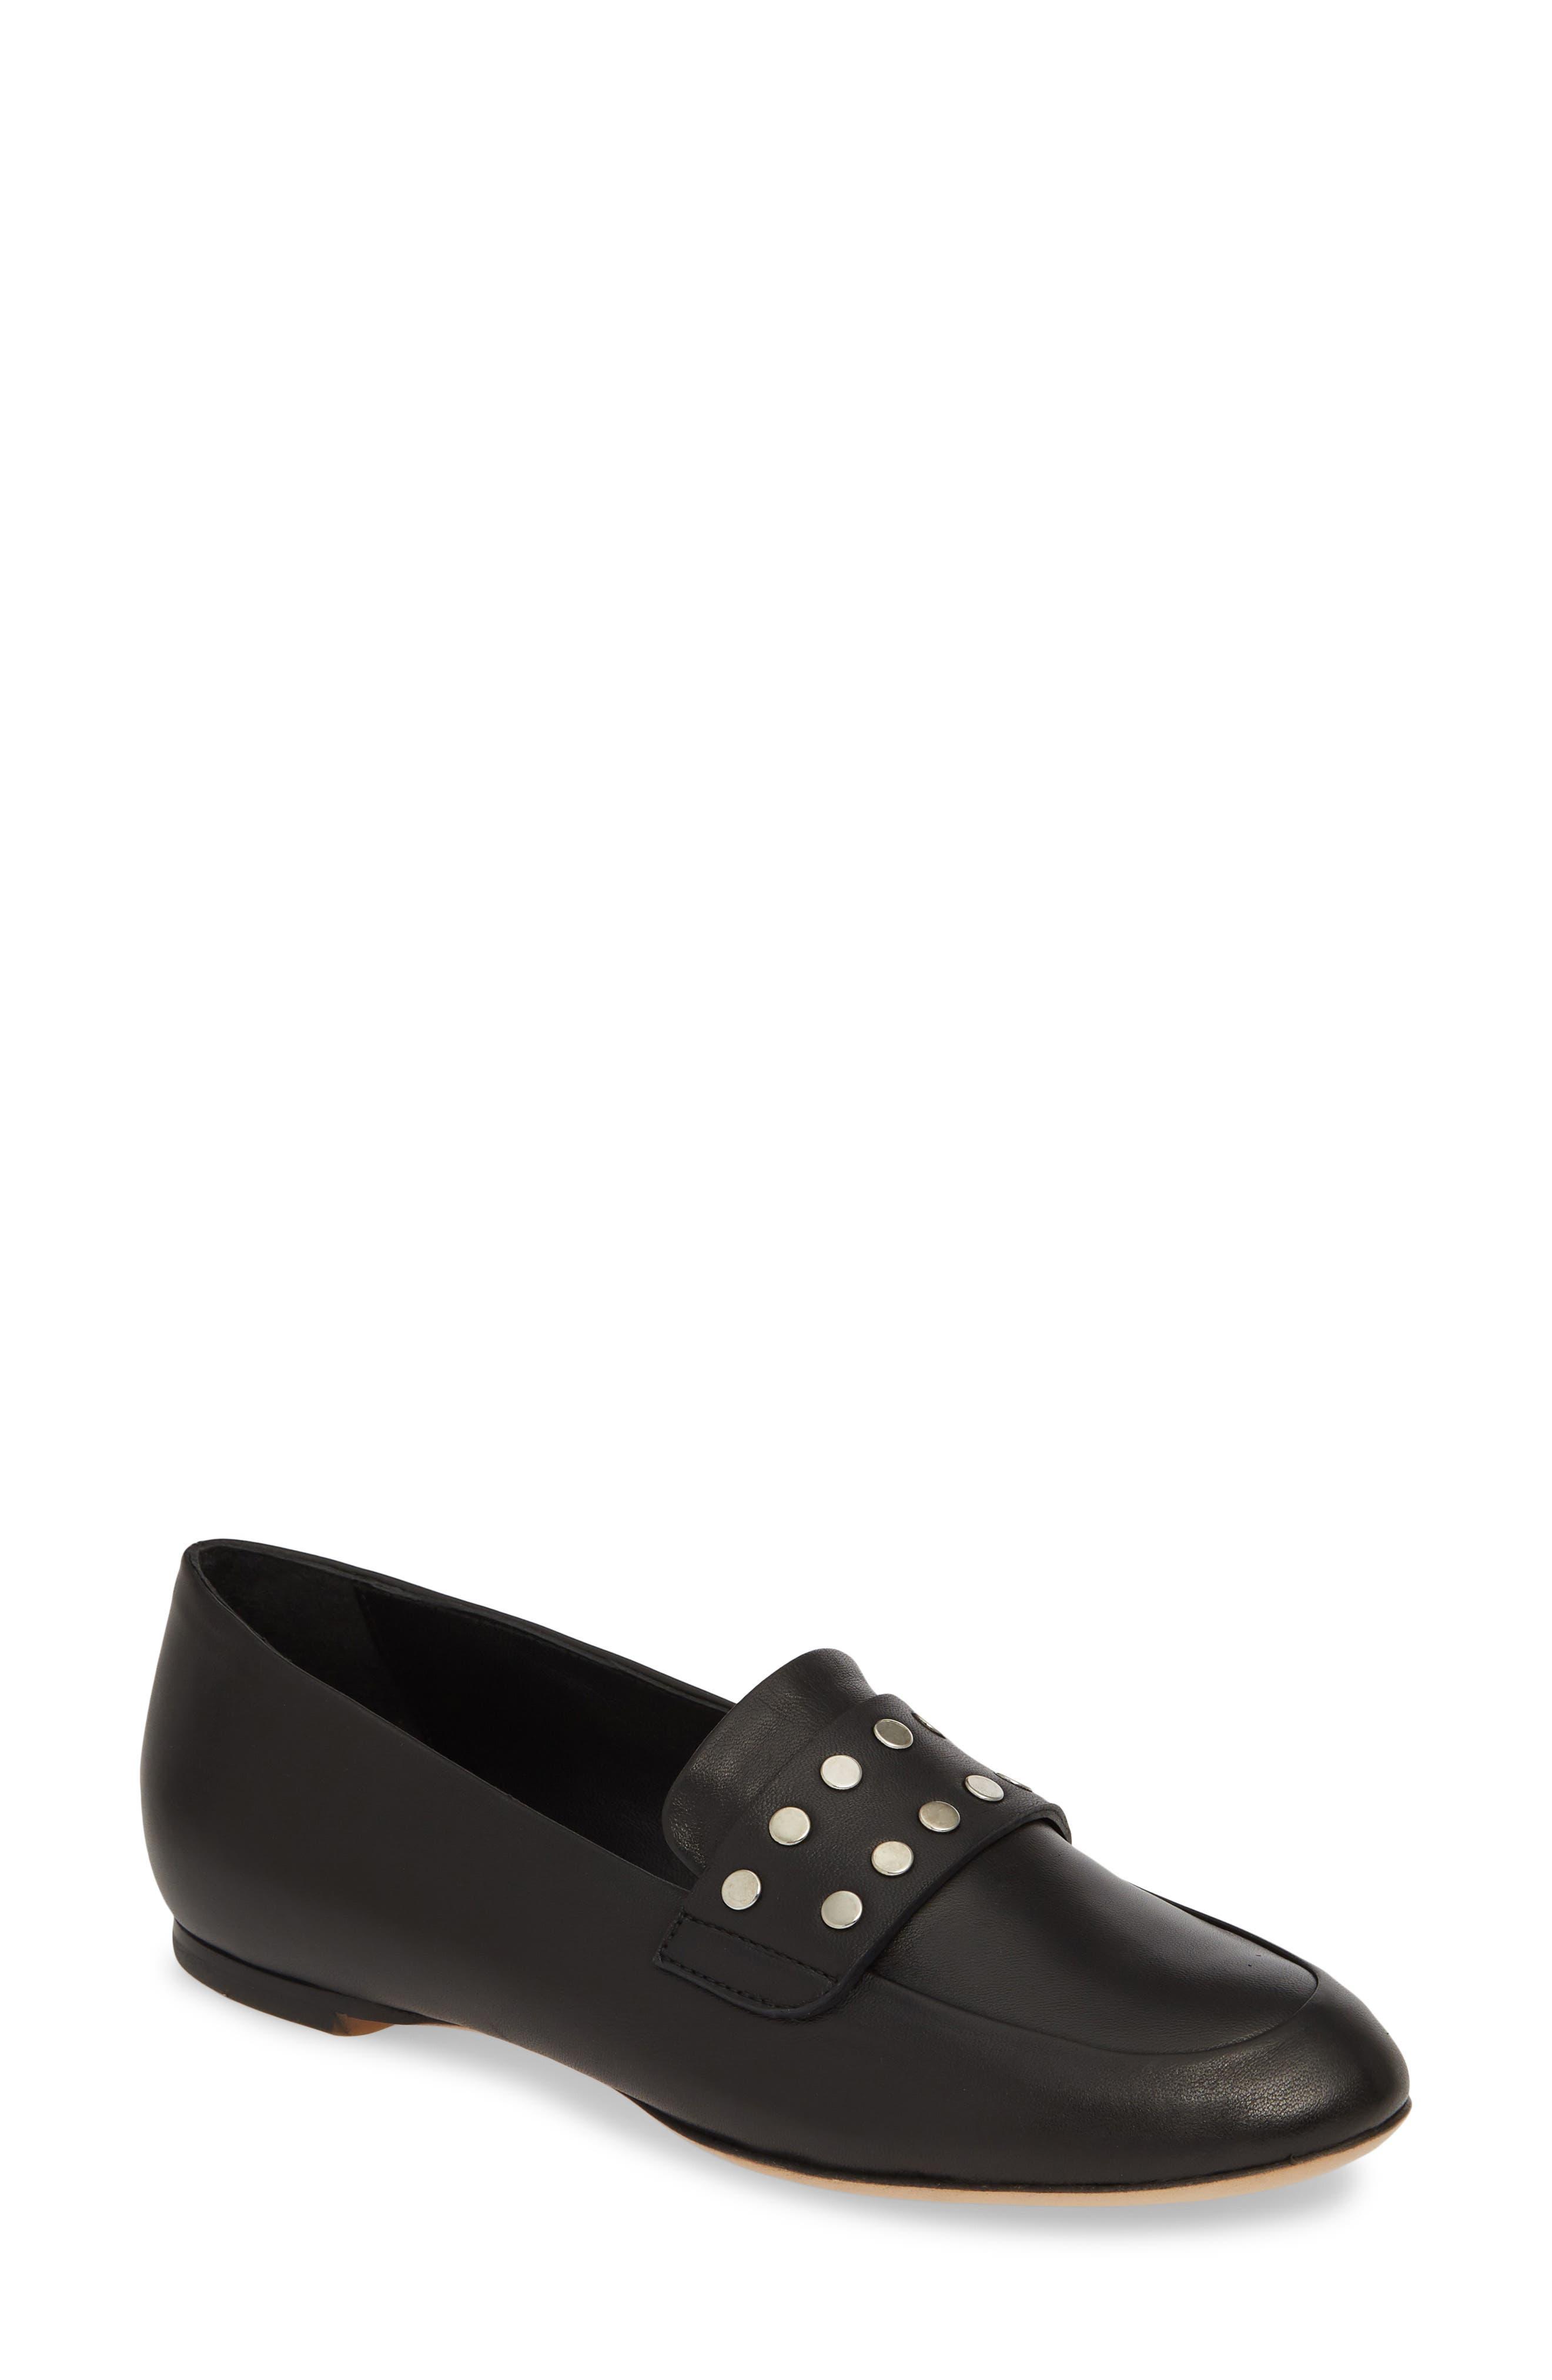 Agl Stud Strap Loafer, Black